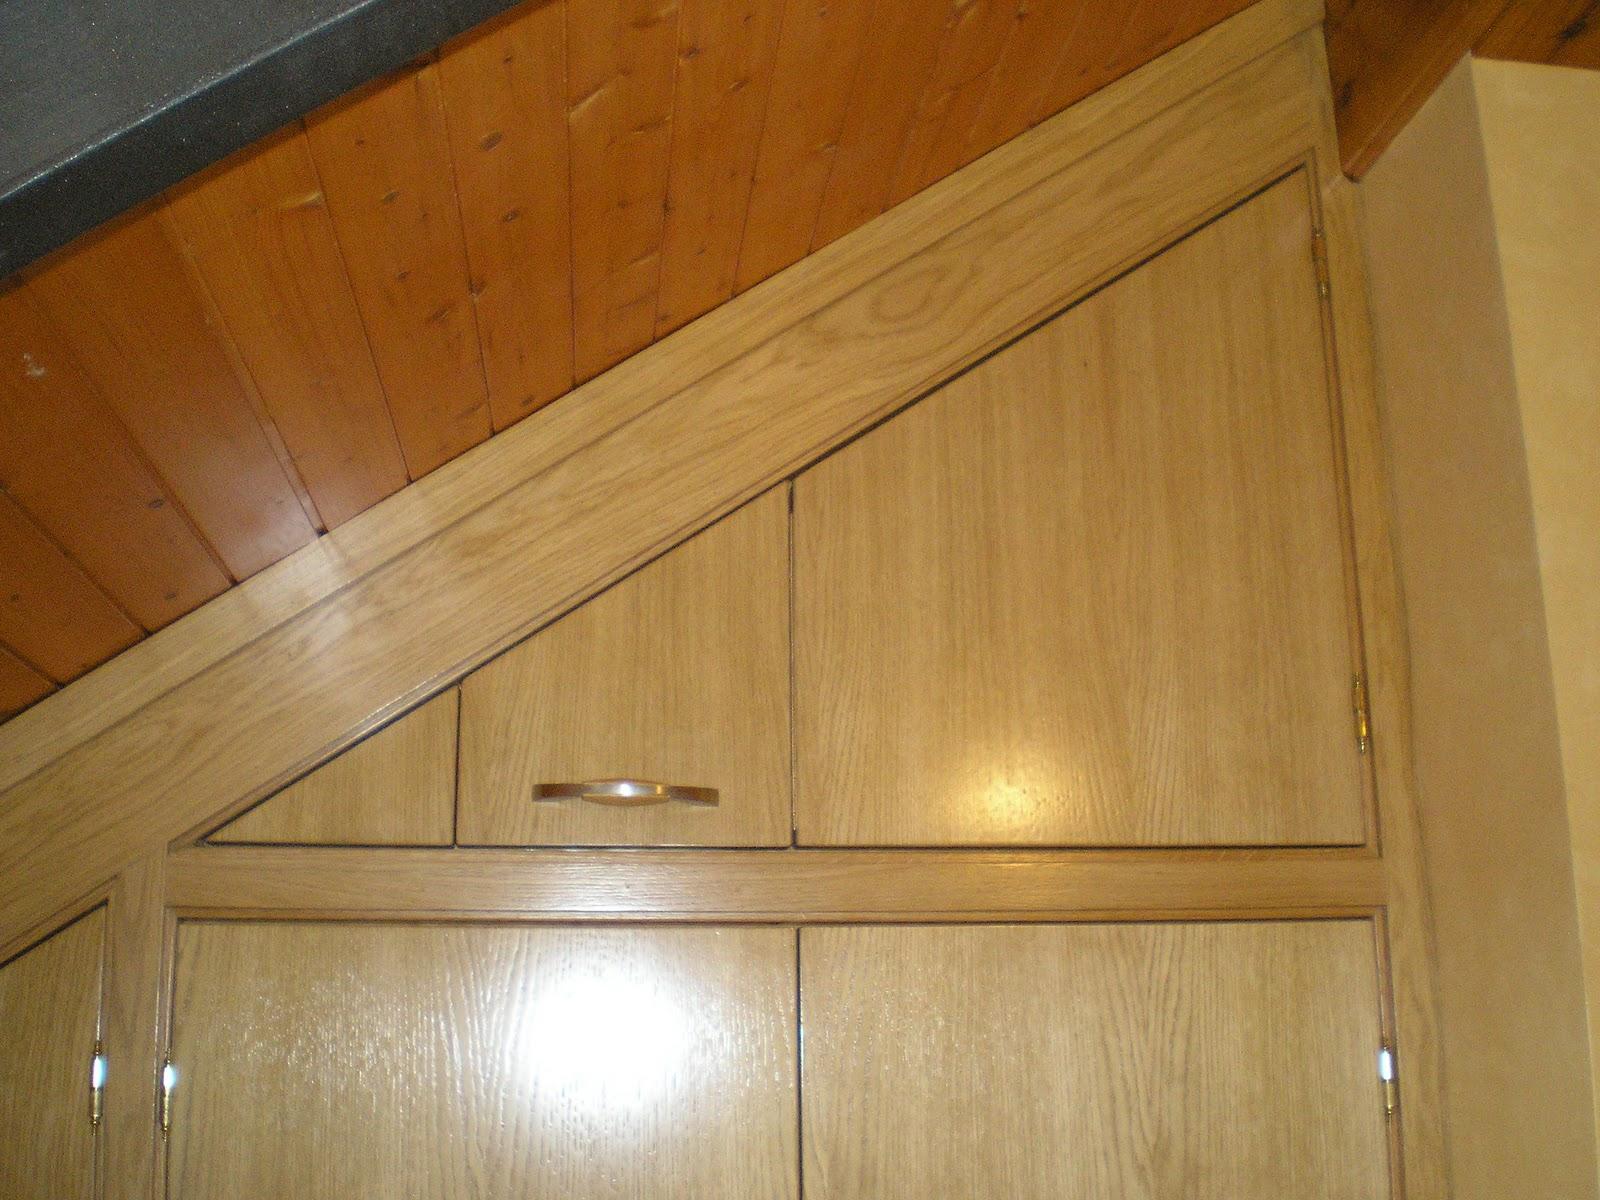 Ebanisteria dmh montajes armarios para buhardillas con - Armarios con puertas abatibles ...